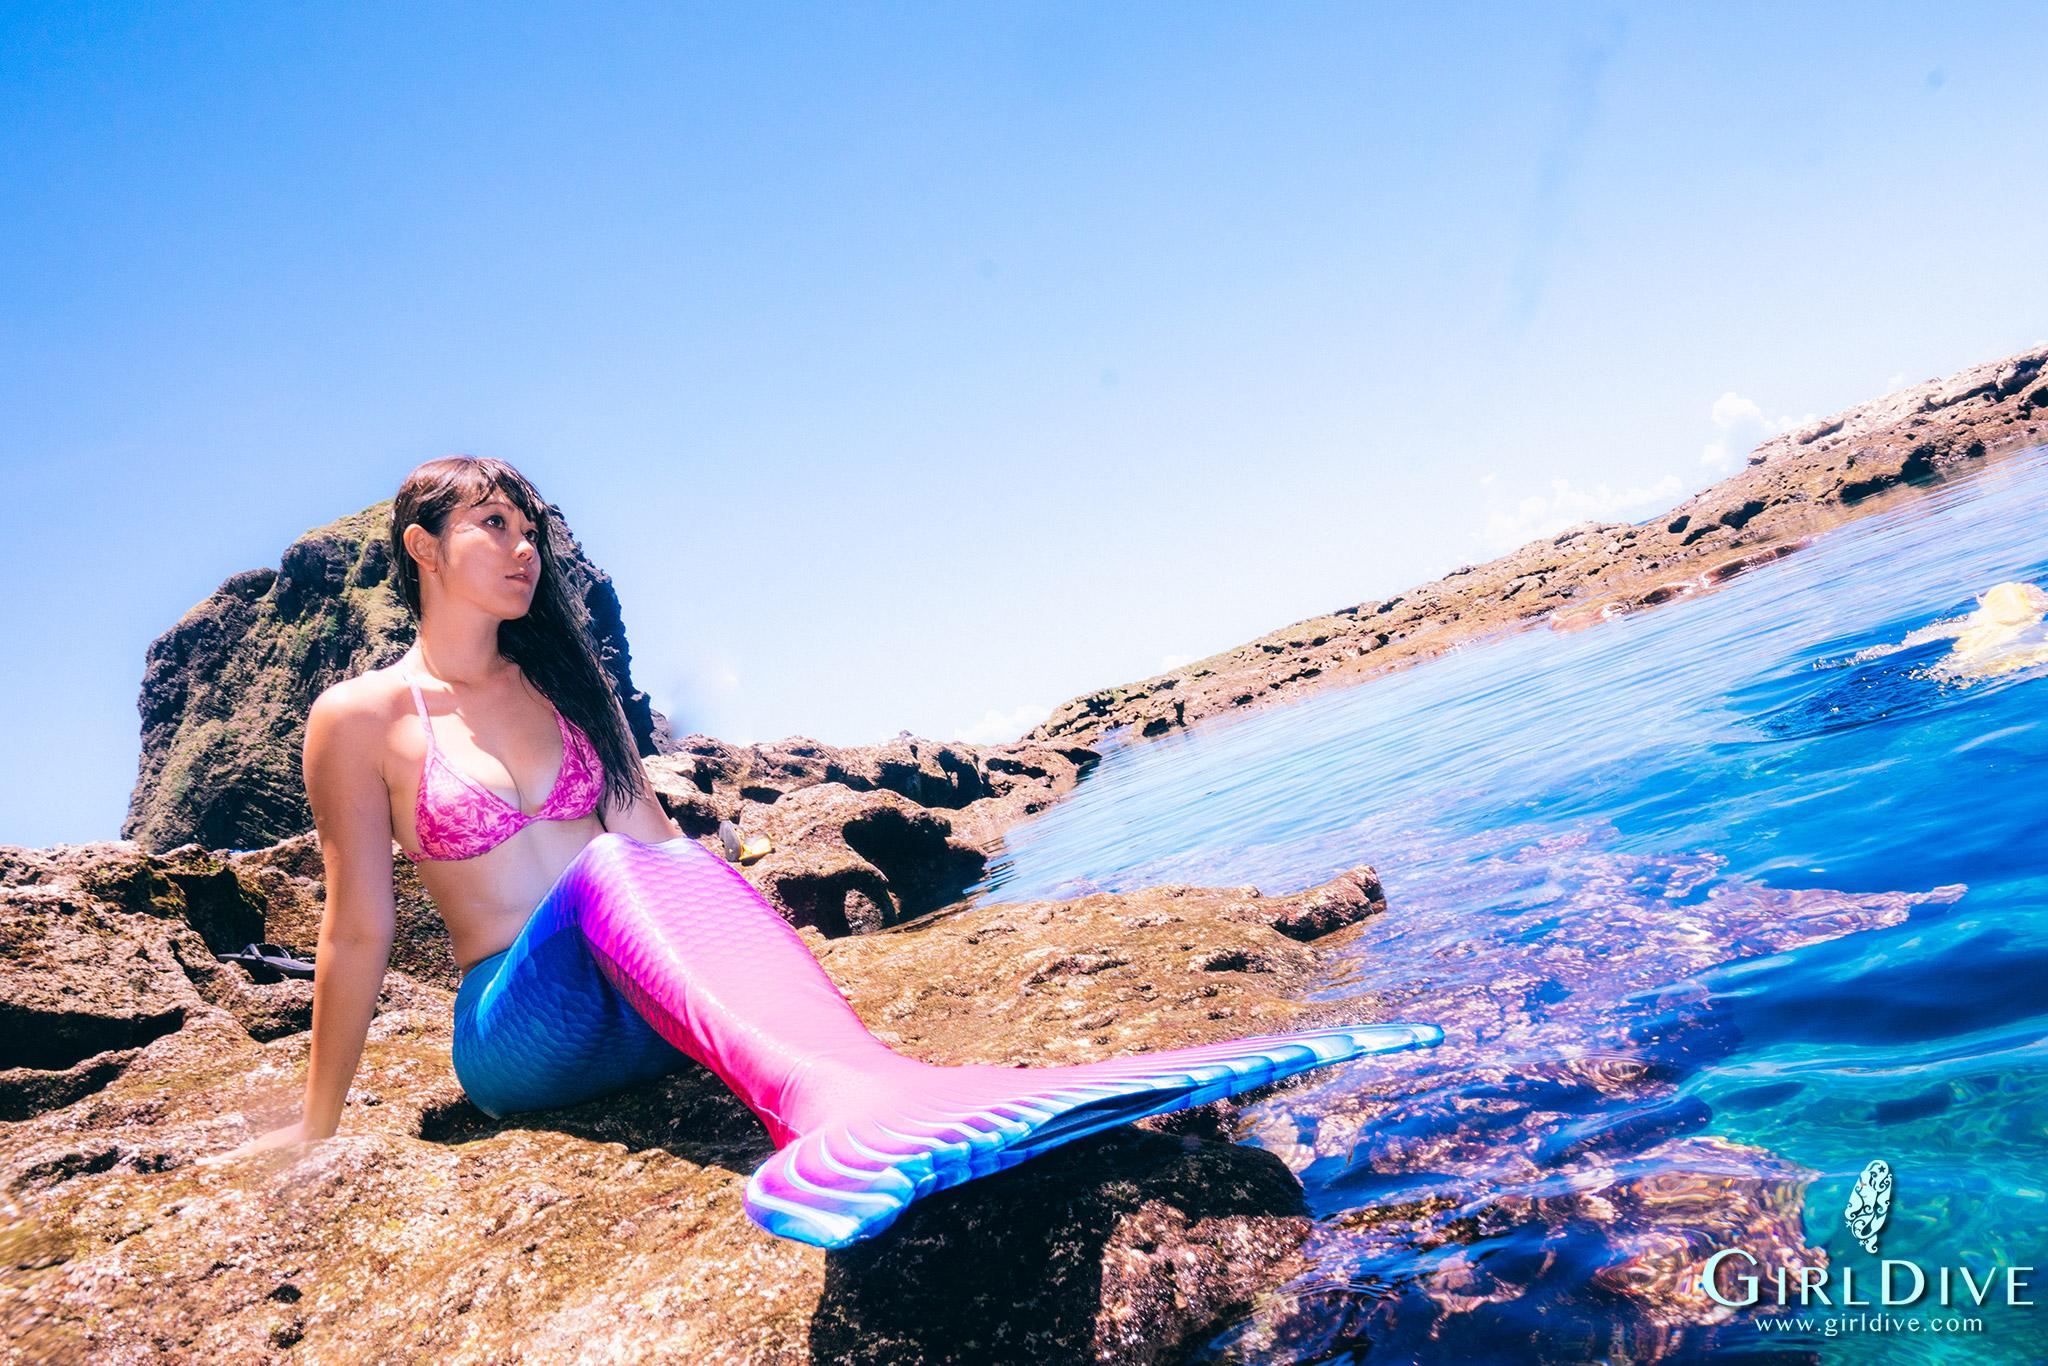 人魚尾巴,浮潛,攝影,潛水,瑜伽